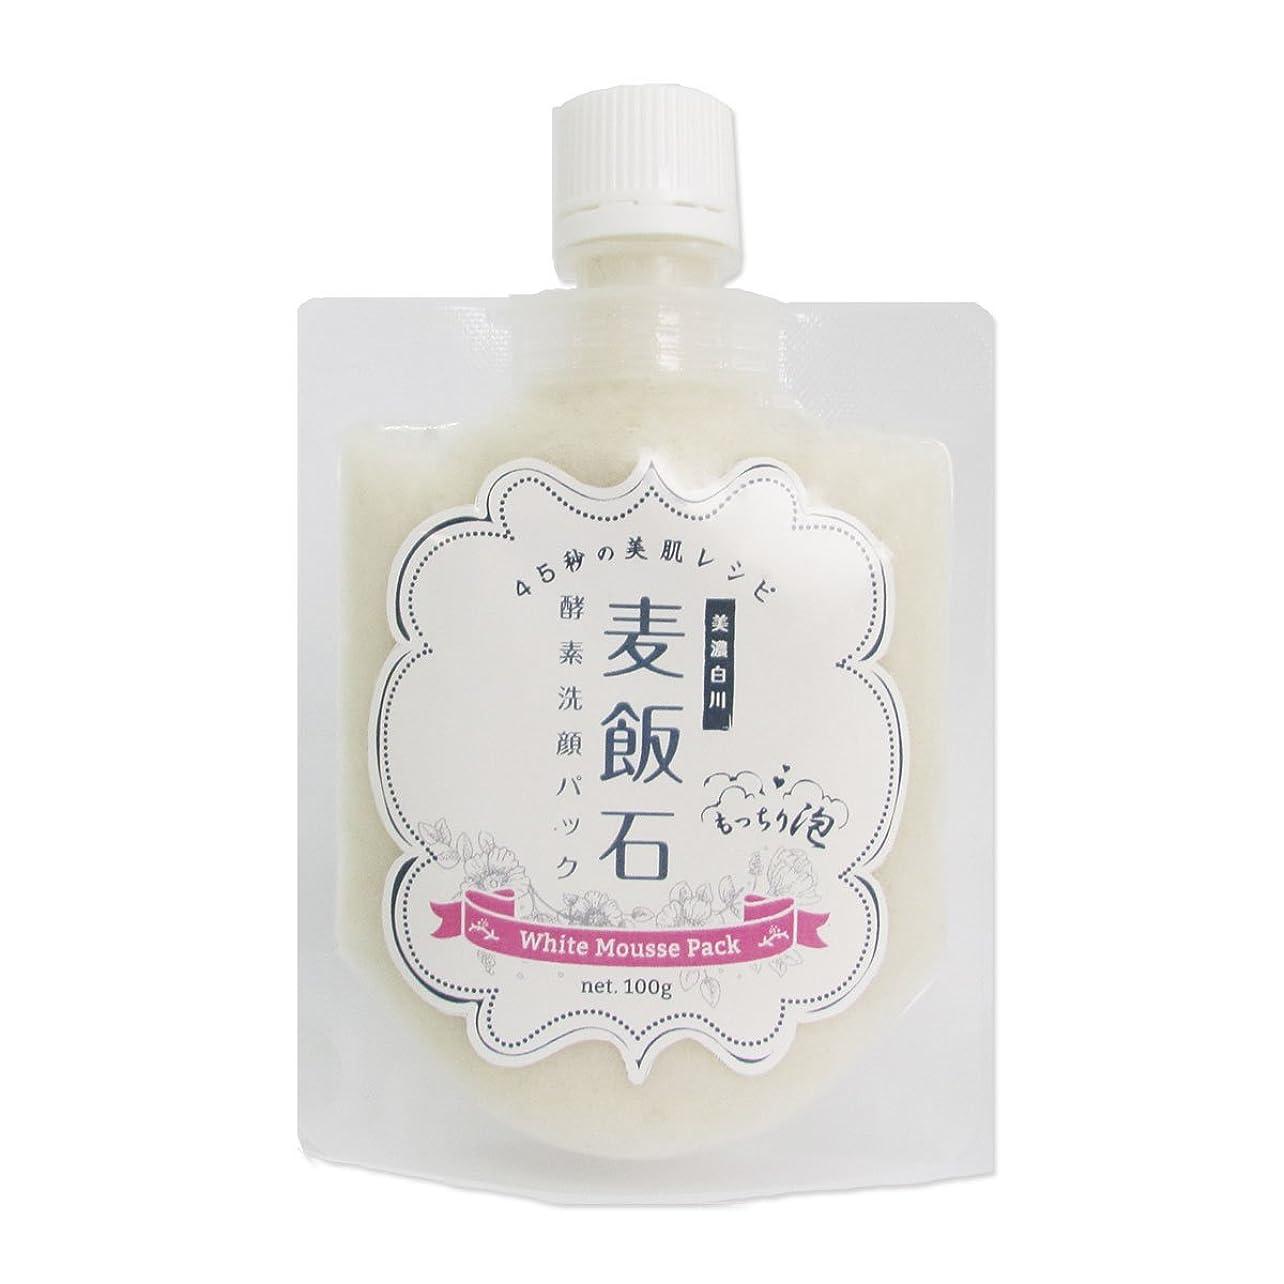 路面電車インフルエンザ控えるシミ 洗顔 泡 洗顔フォーム ホワイトムースパック